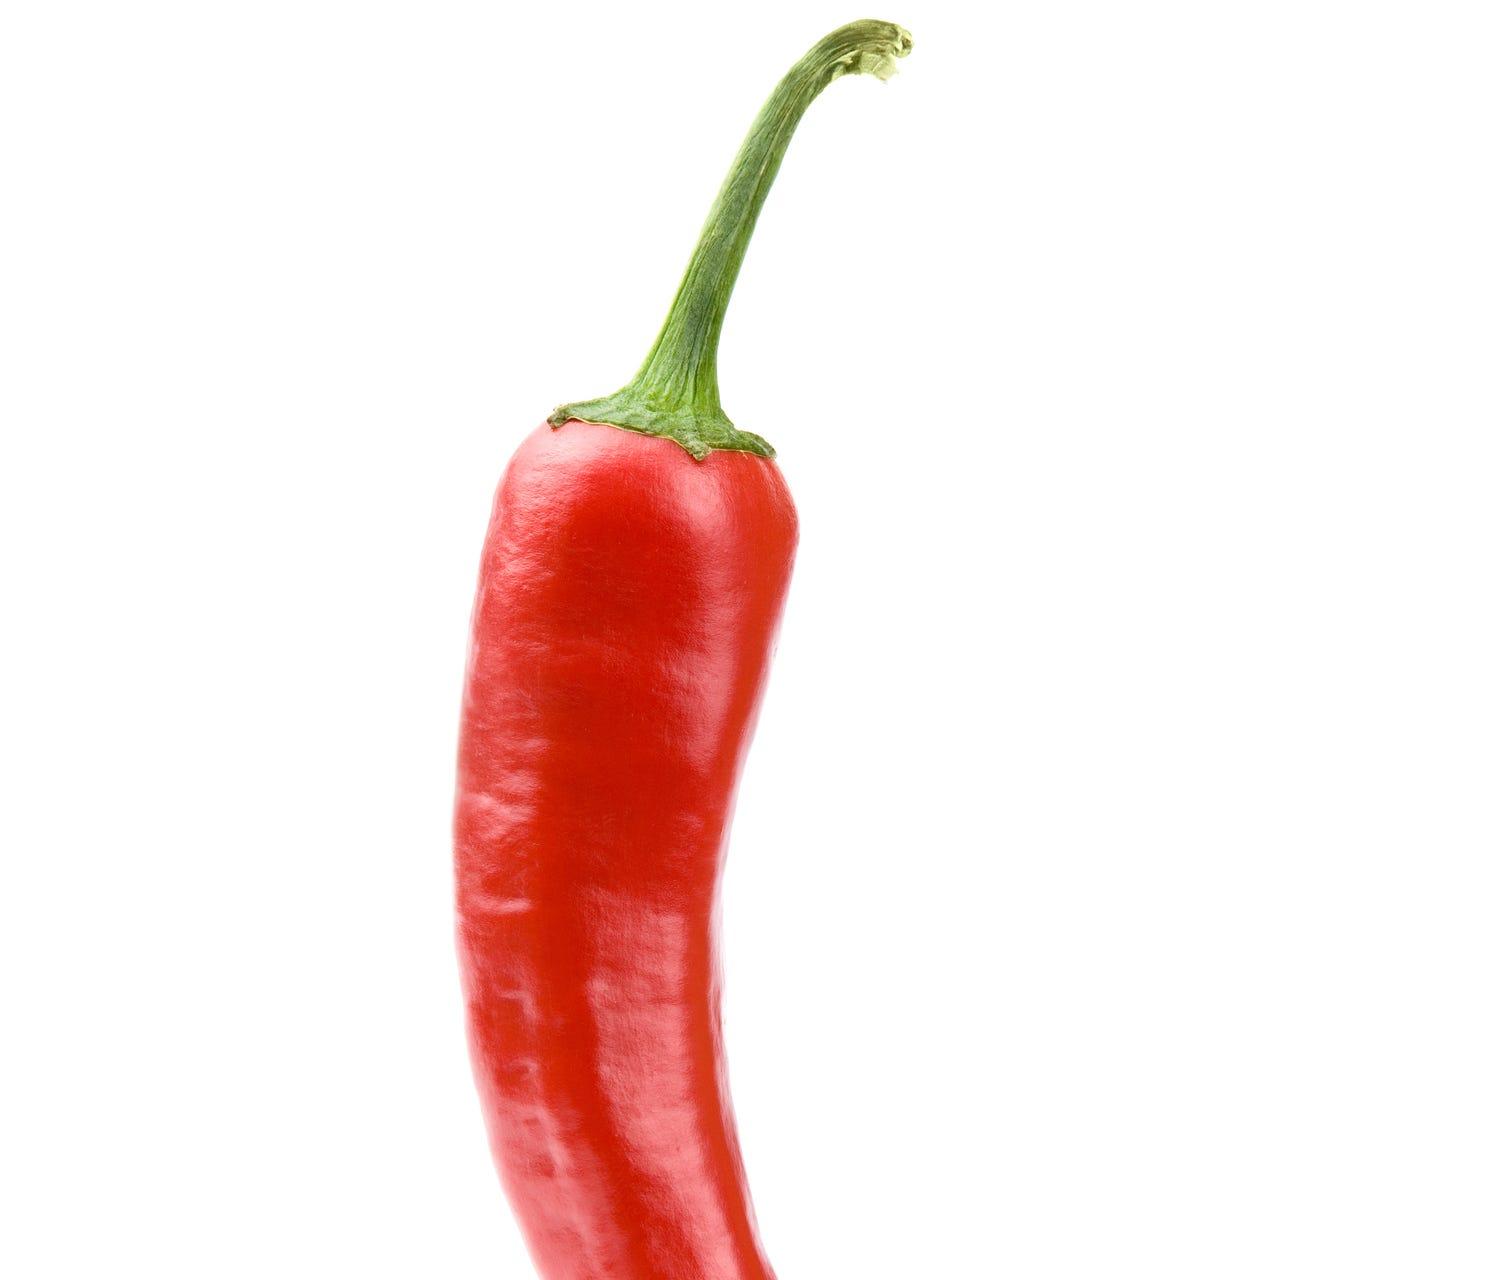 Hot chili pepper on white